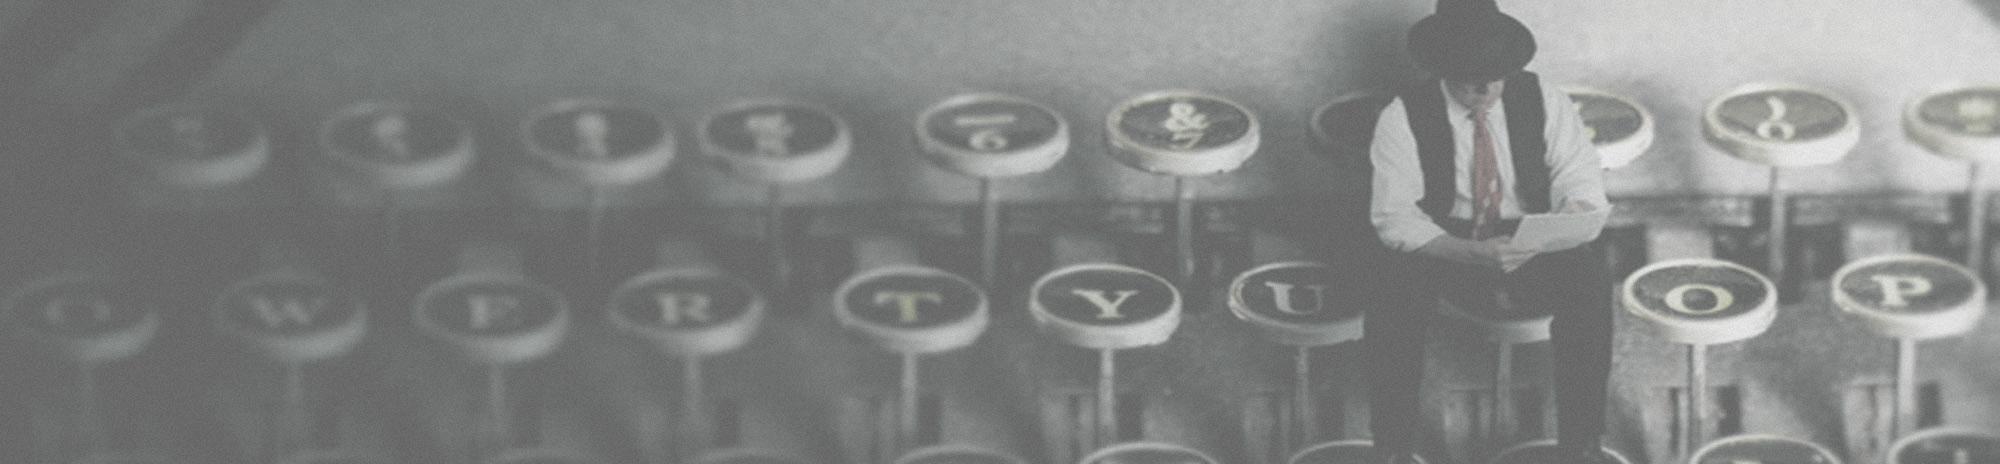 Aquela Máquina a escrever conteúdos optimizados para motores de busca